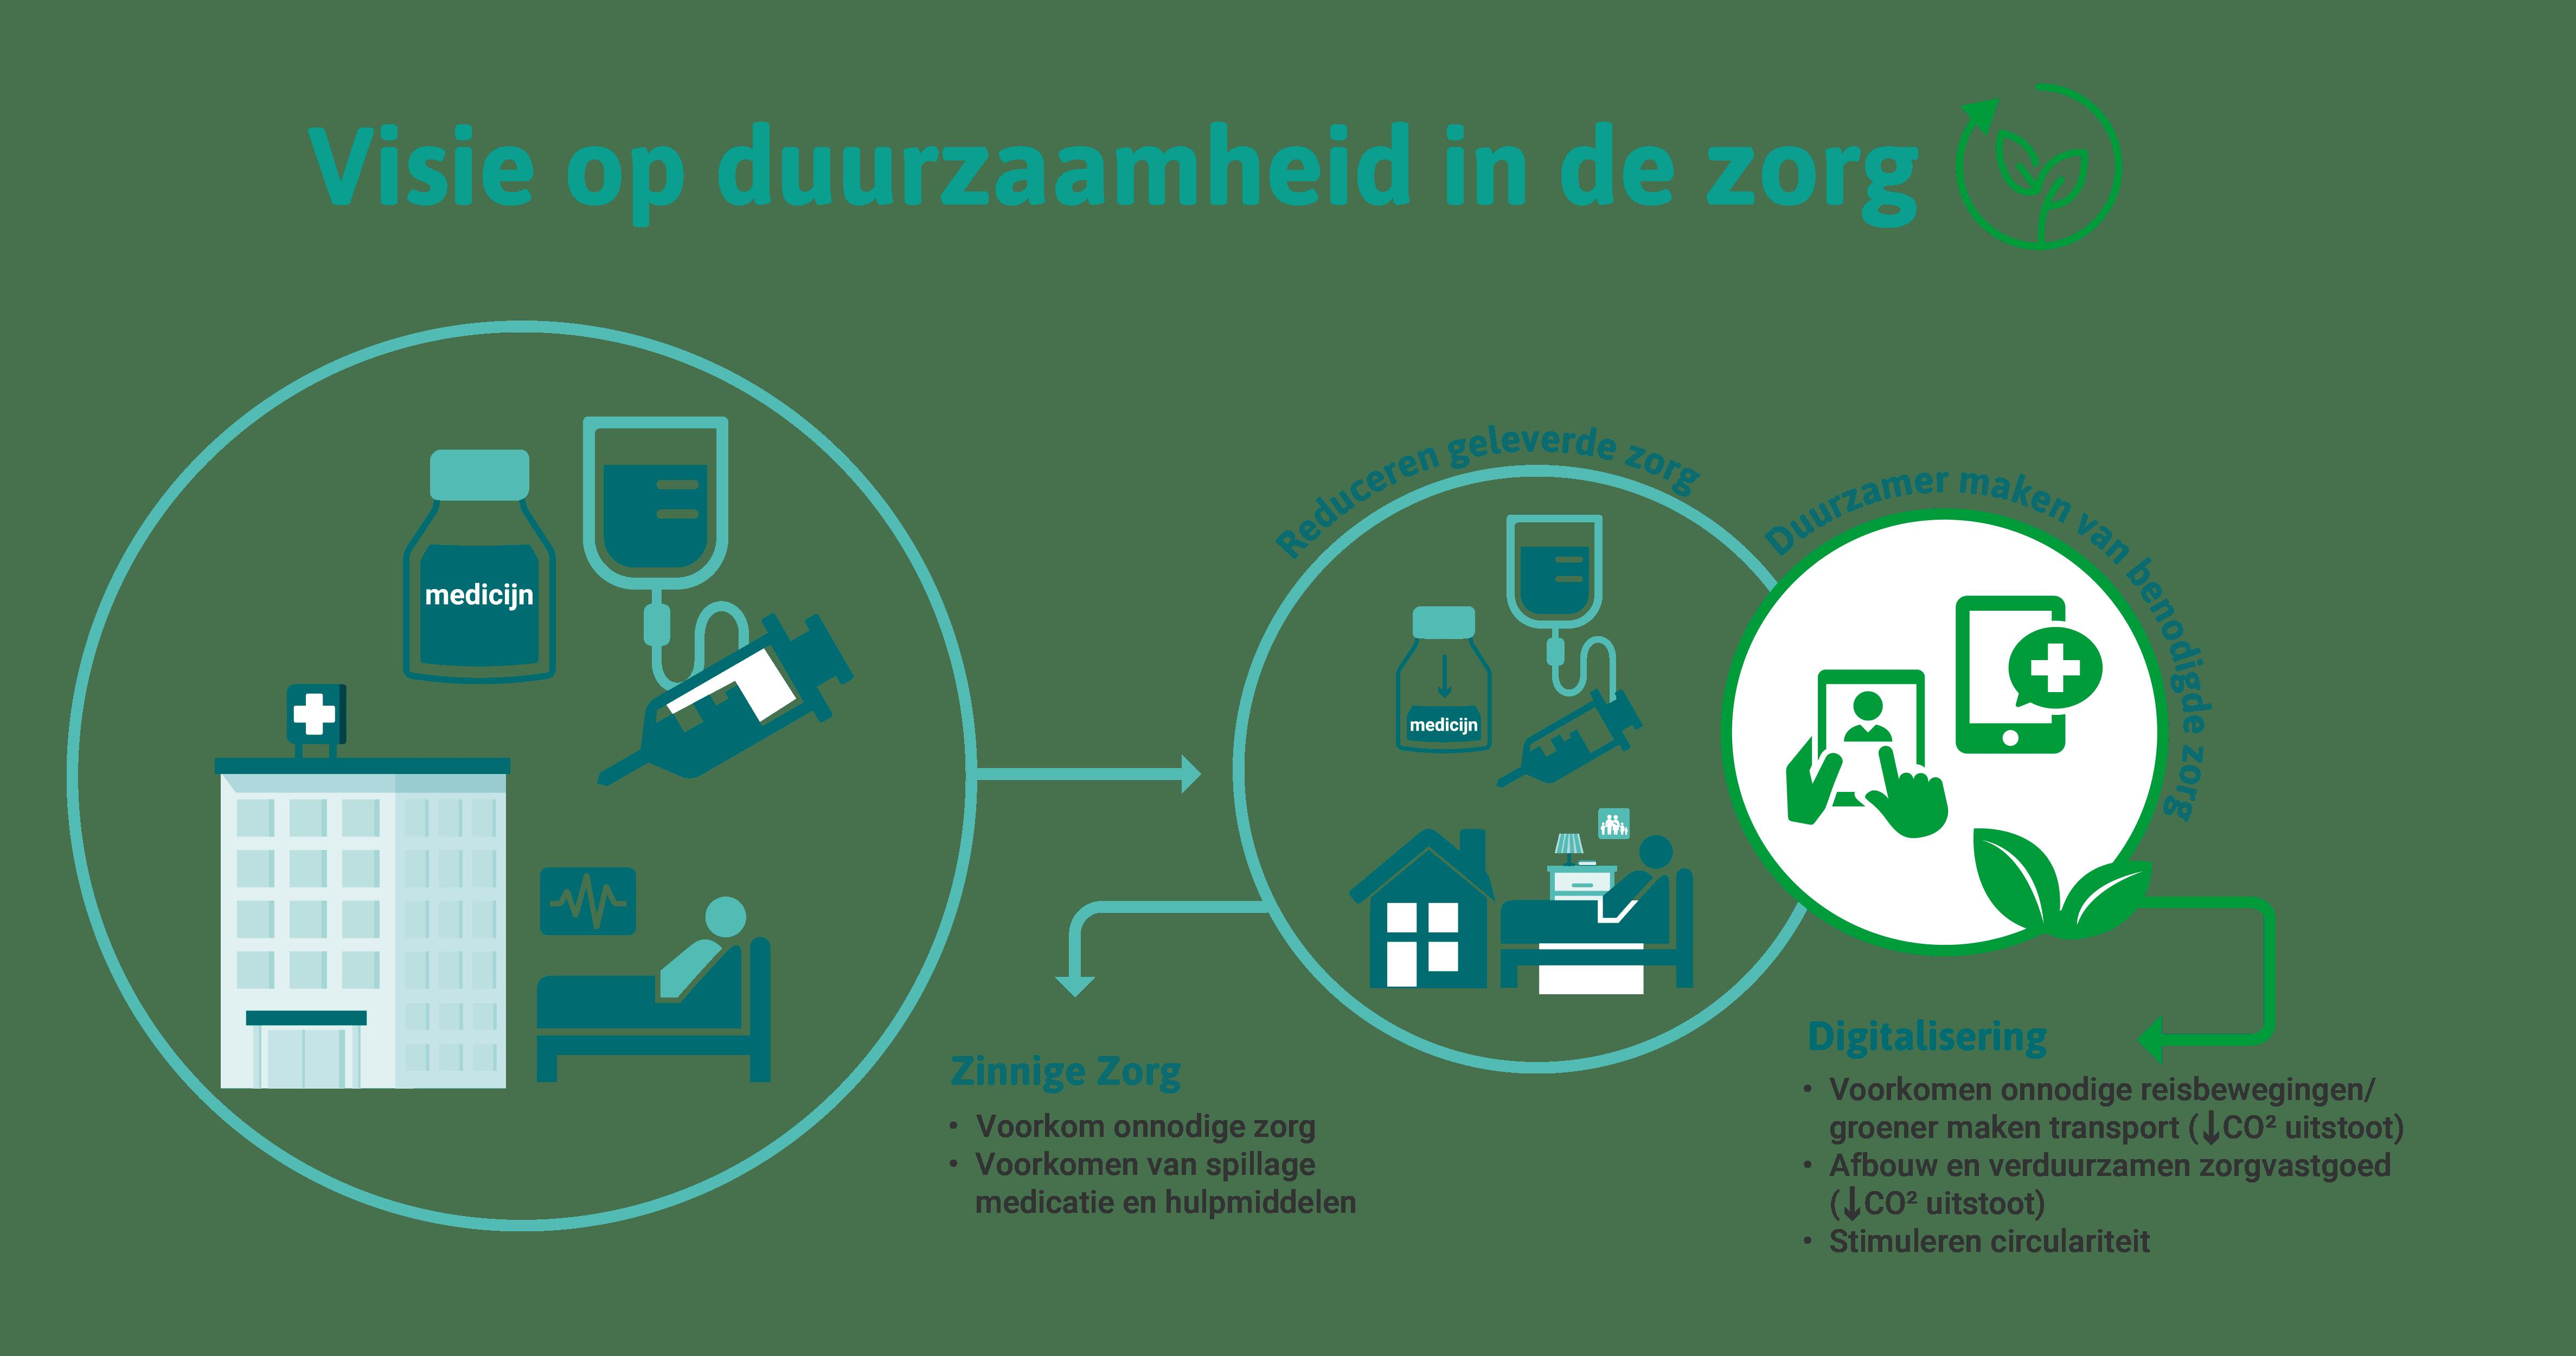 Infographic visie op duurzaamheid in de zorg